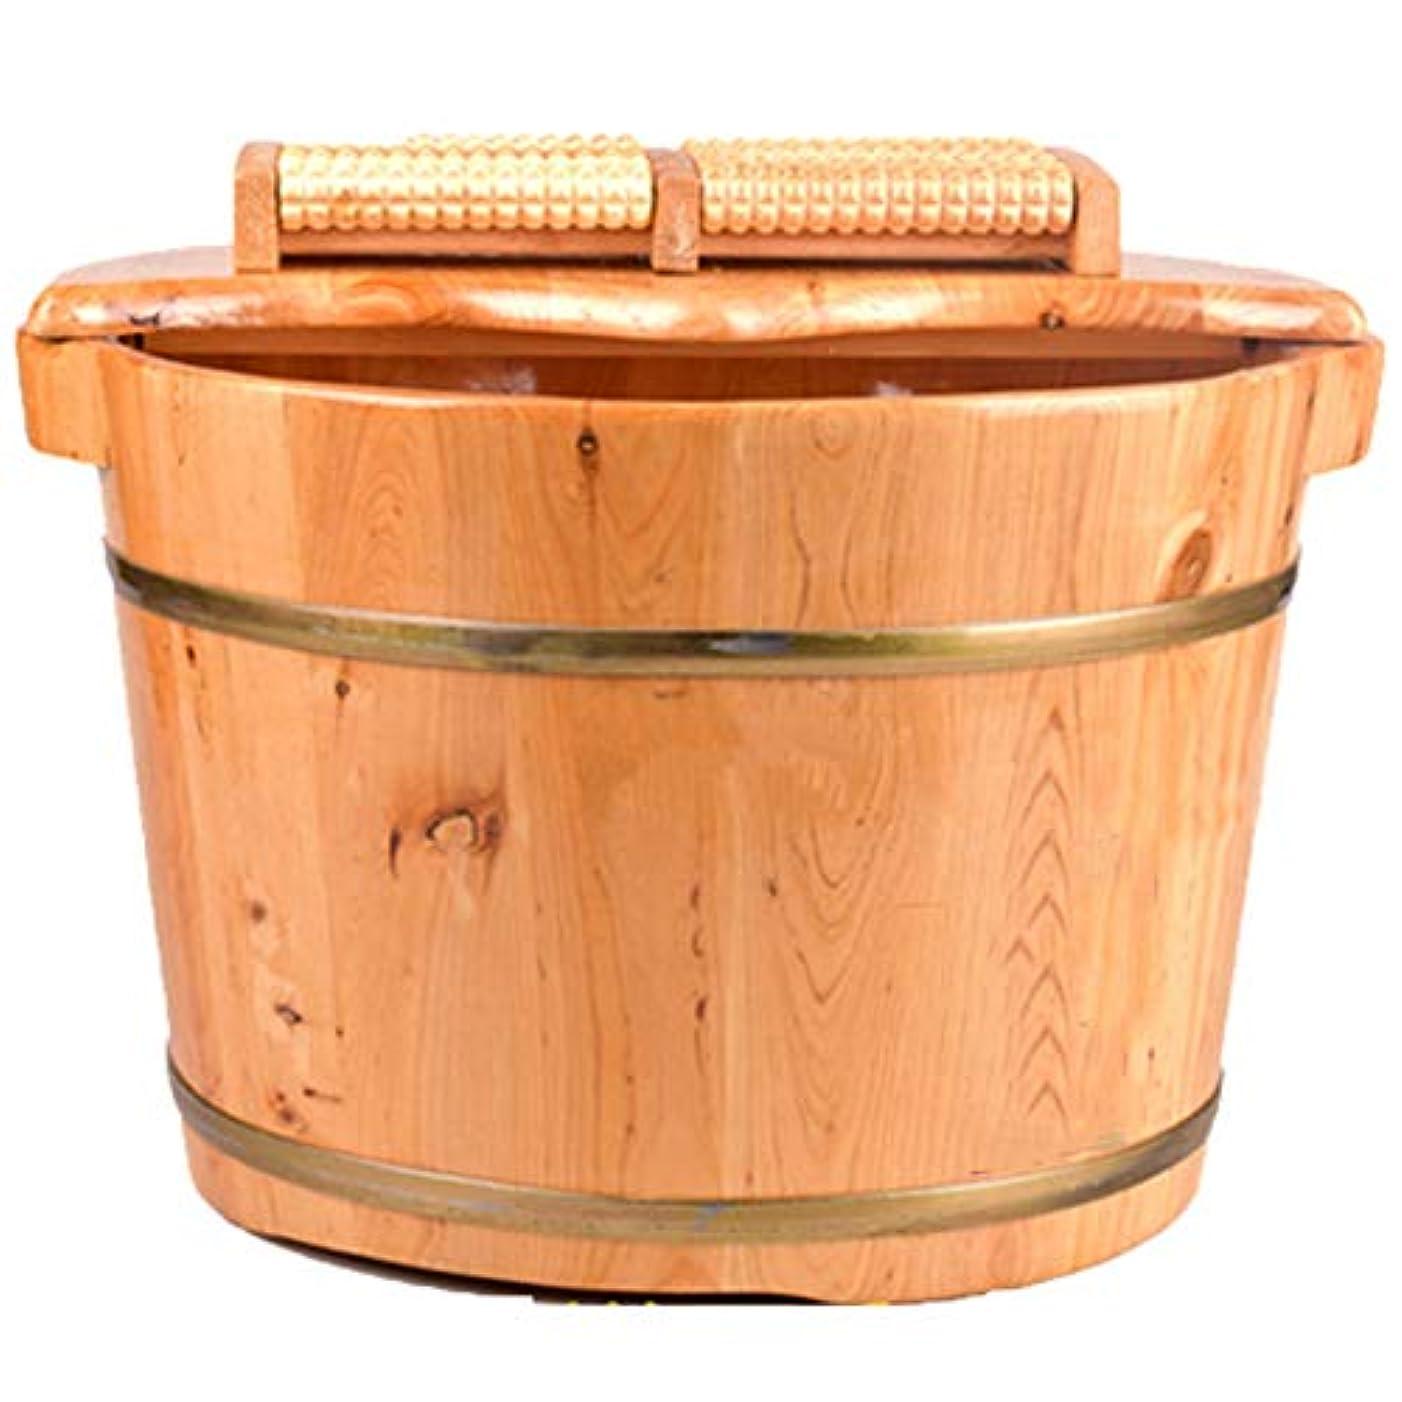 ケイ素ドレス適応するペディキュア盆地,軽量の木製家庭の木製の樽の足湯バスソリッドウッドの木管大人のトランペット